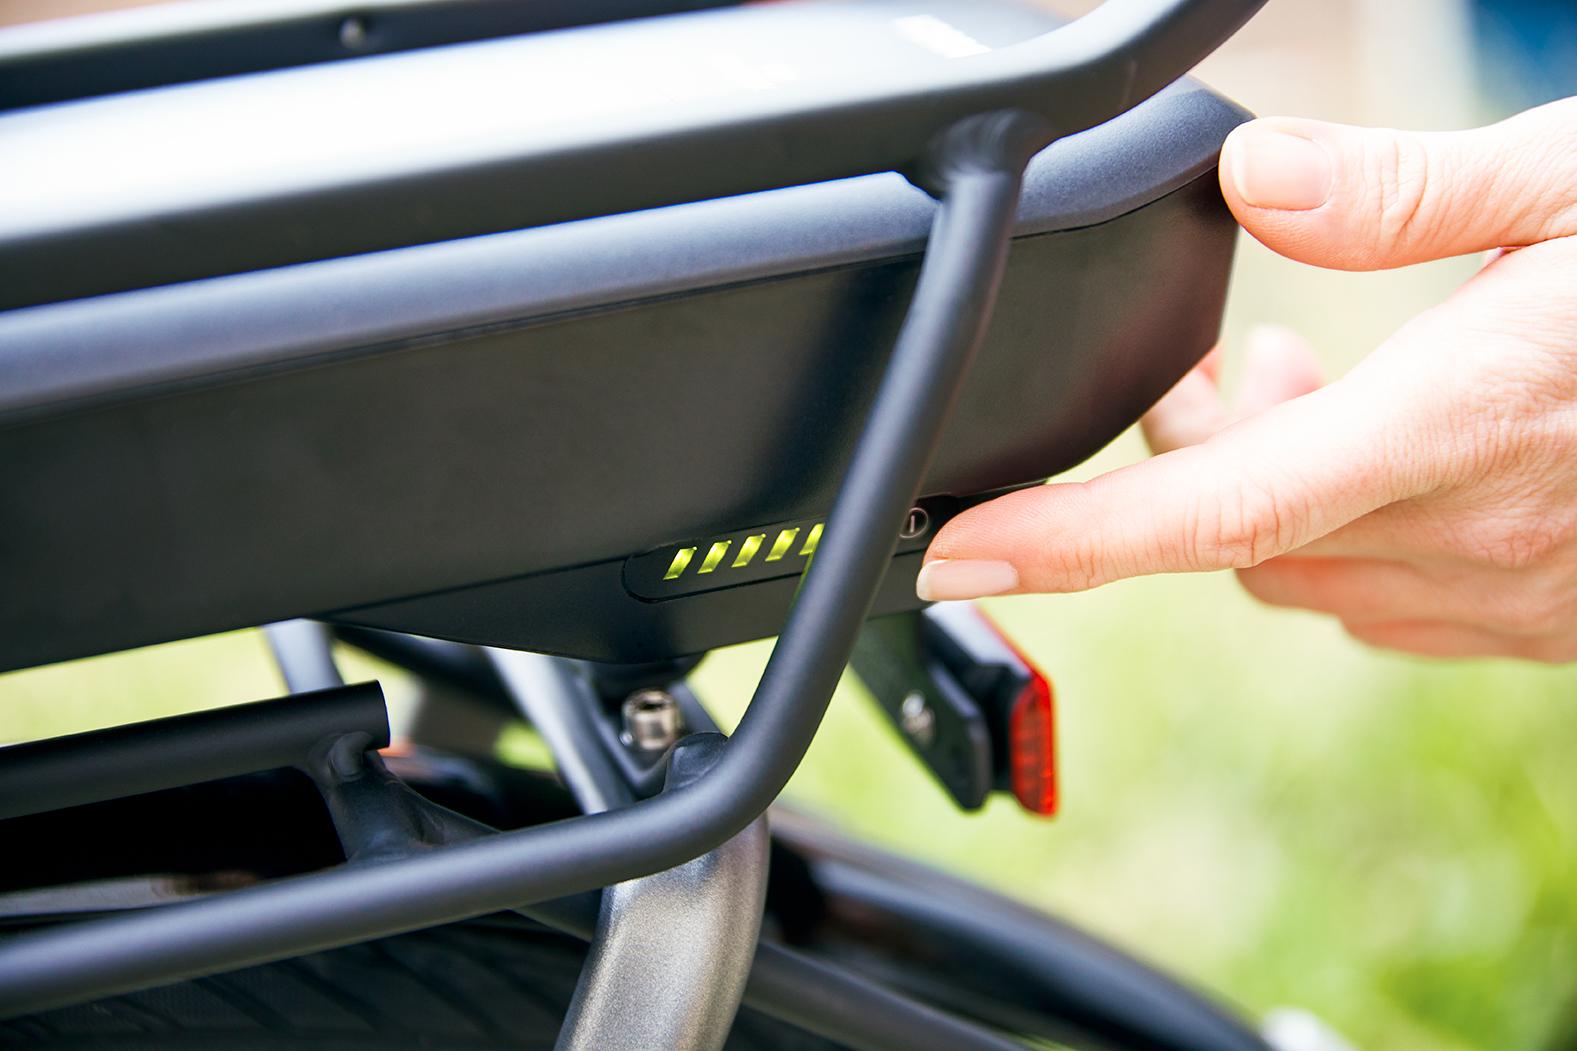 Die verwendung eines E-bike Akkus